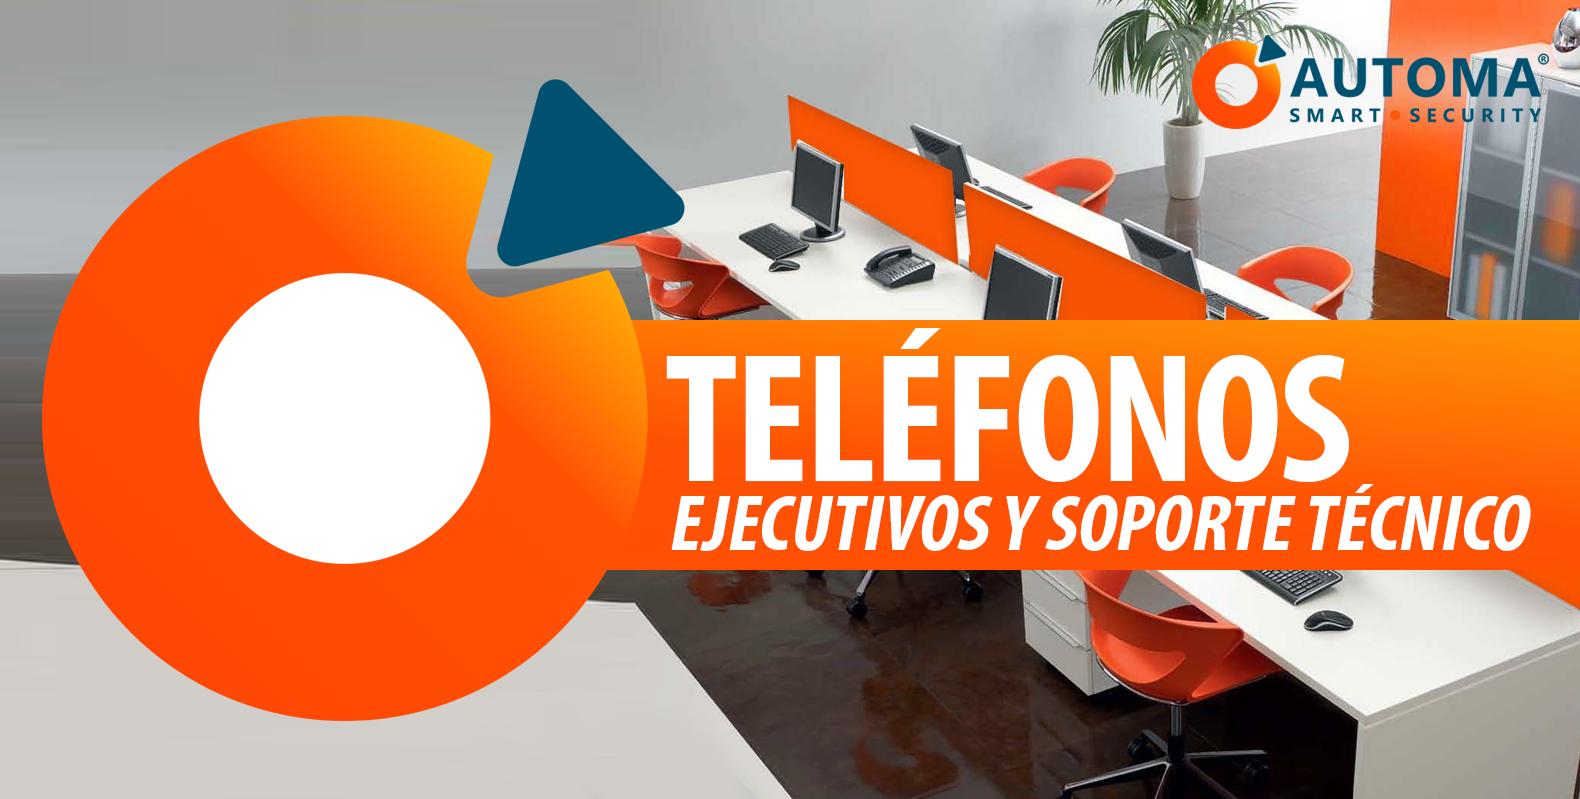 Teléfonos de Ejecutivos de Venta y Soporte Técnico